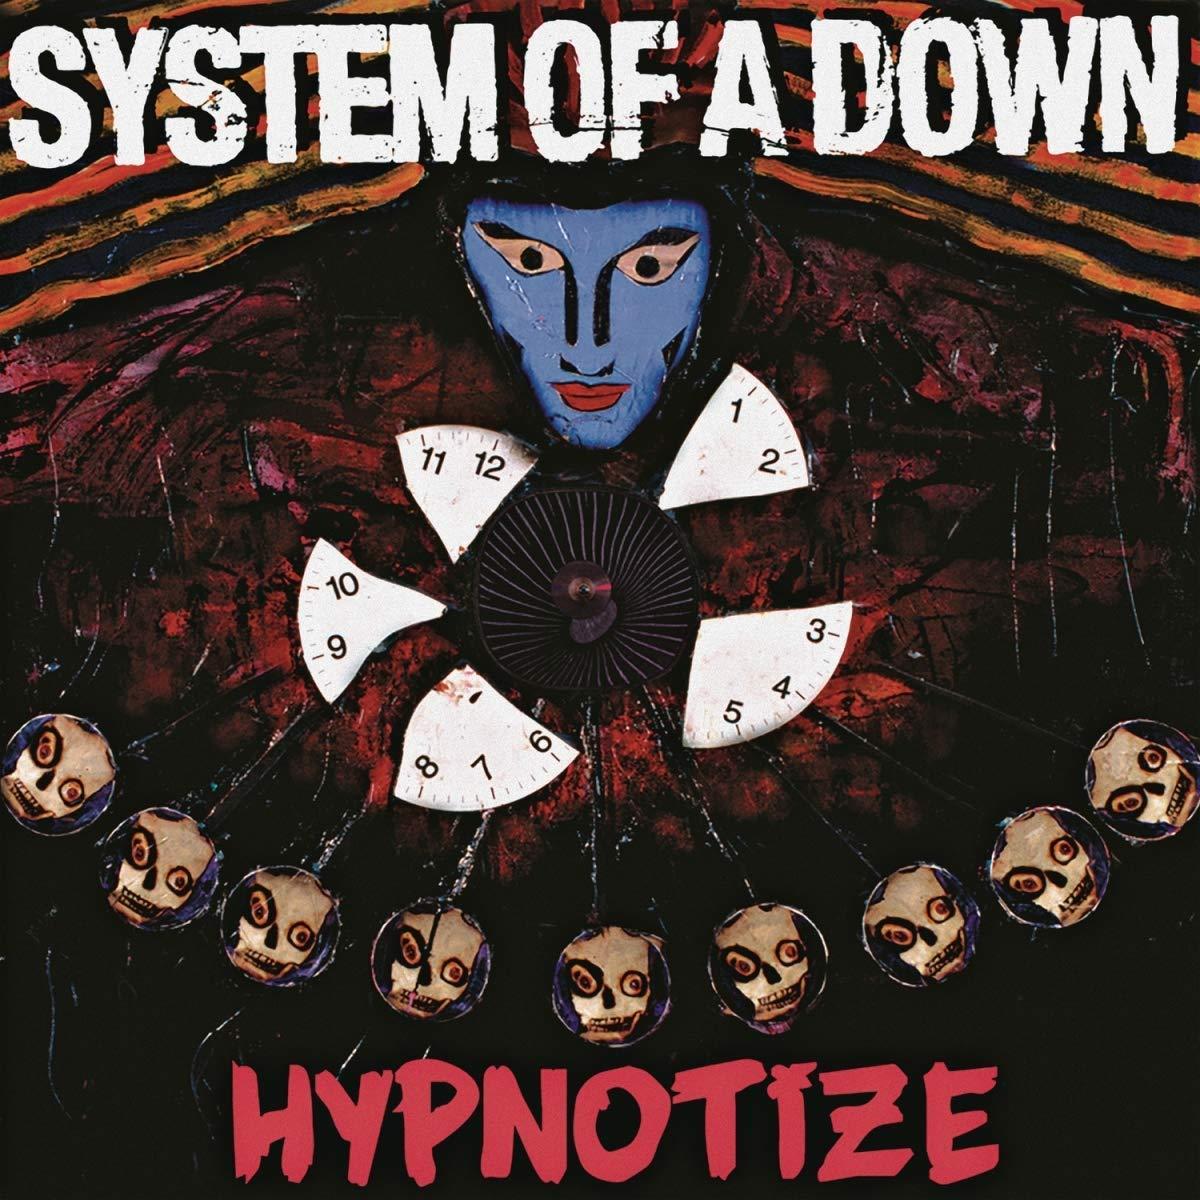 4a30fb8edf SYSTEM OF A DOWN - Hypnotize